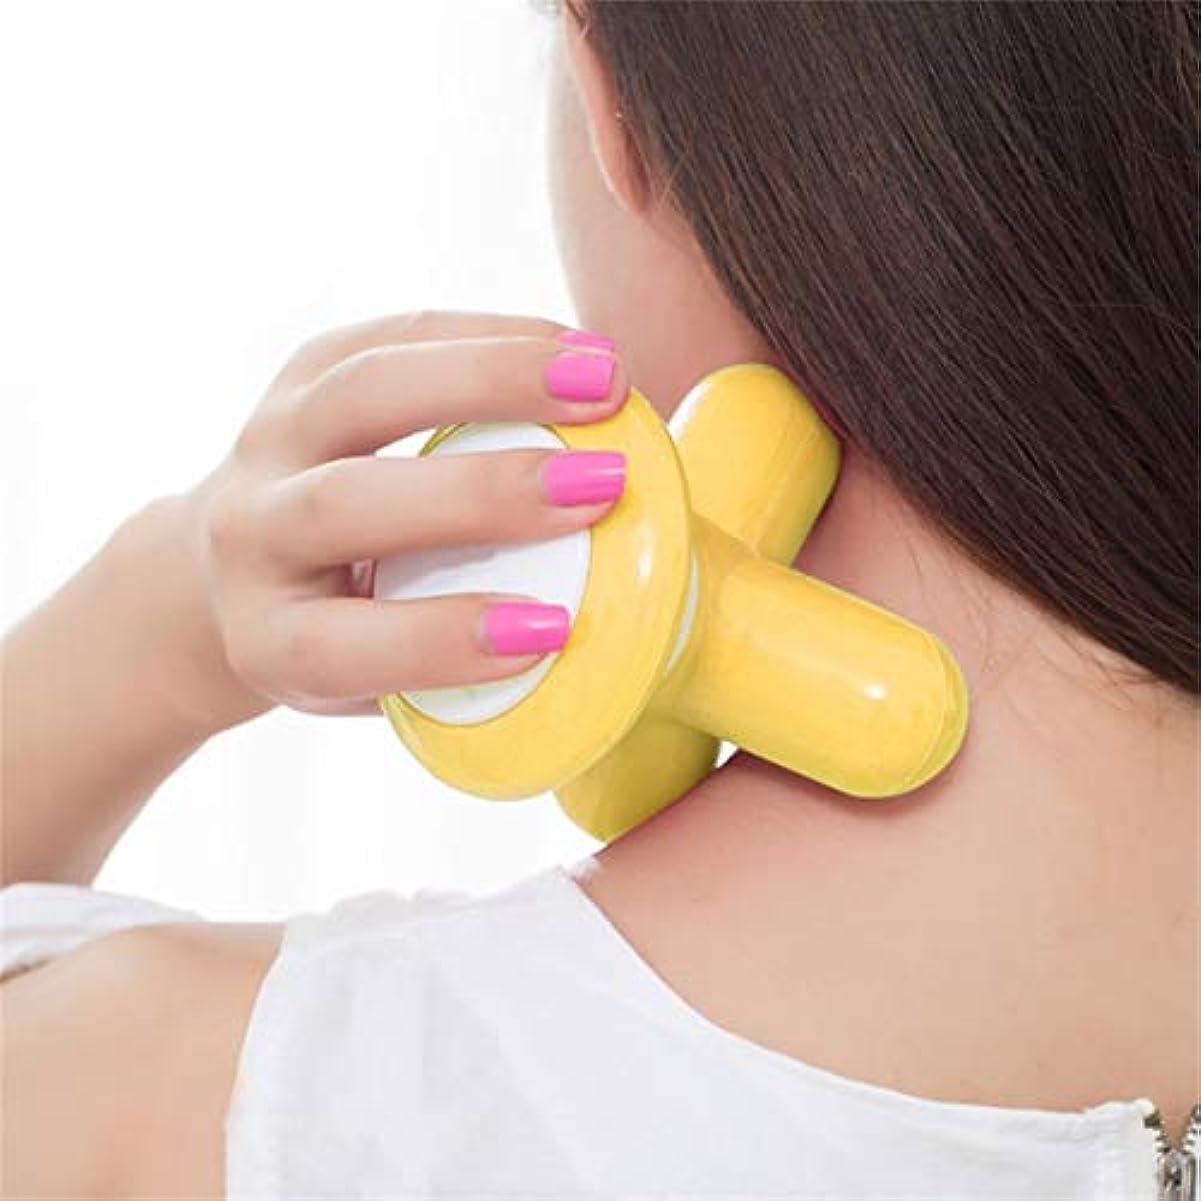 内向き誤解するバーガーMini Electric Handled Wave Vibrating Massager USB Battery Full Body Massage Ultra-compact Lightweight Convenient...